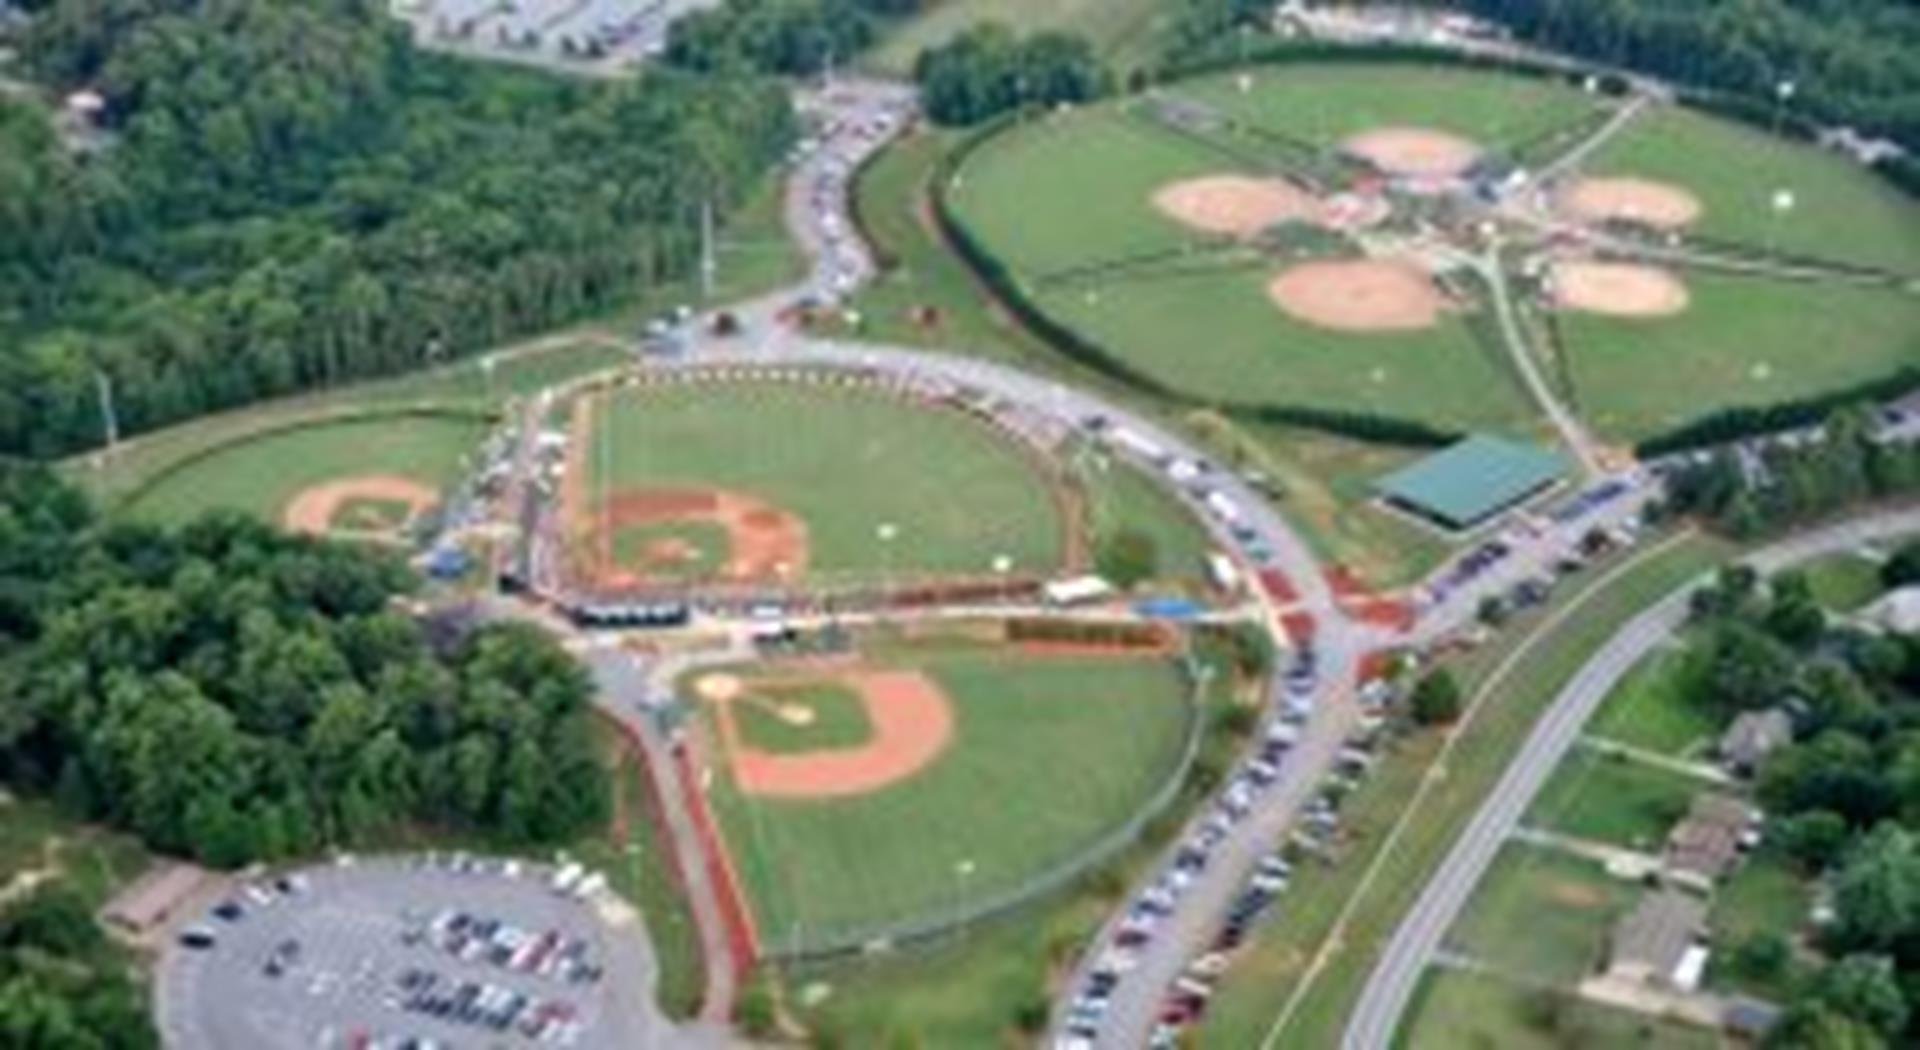 J.B. Red Owens Sports Complex